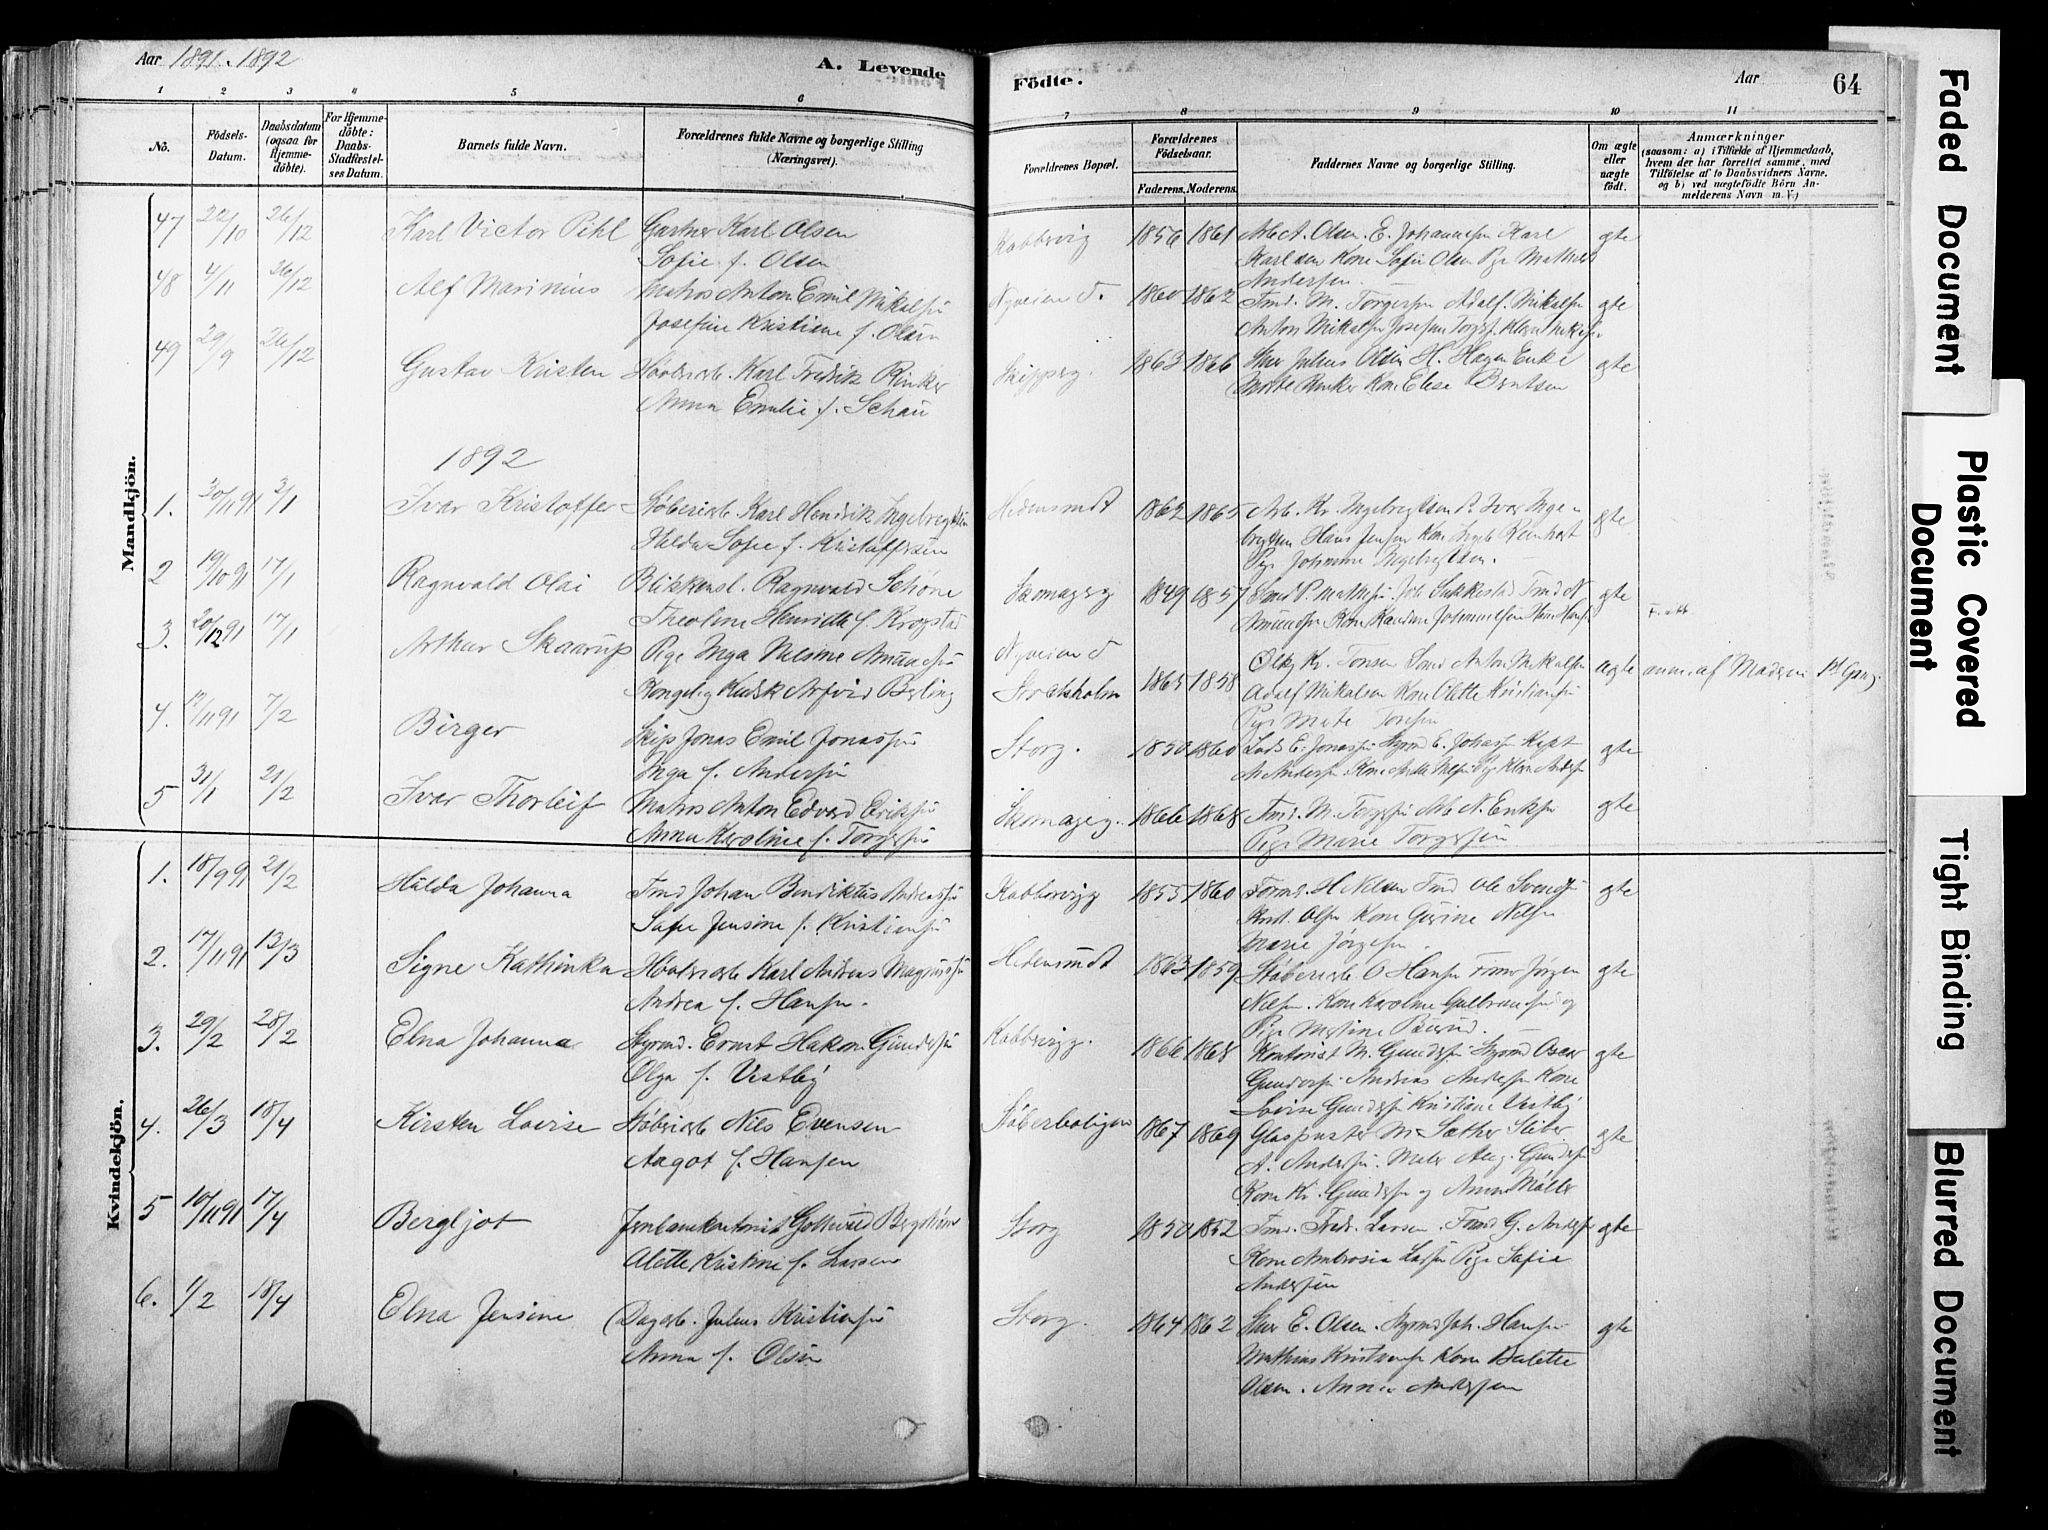 SAKO, Strømsø kirkebøker, F/Fb/L0006: Ministerialbok nr. II 6, 1879-1910, s. 64